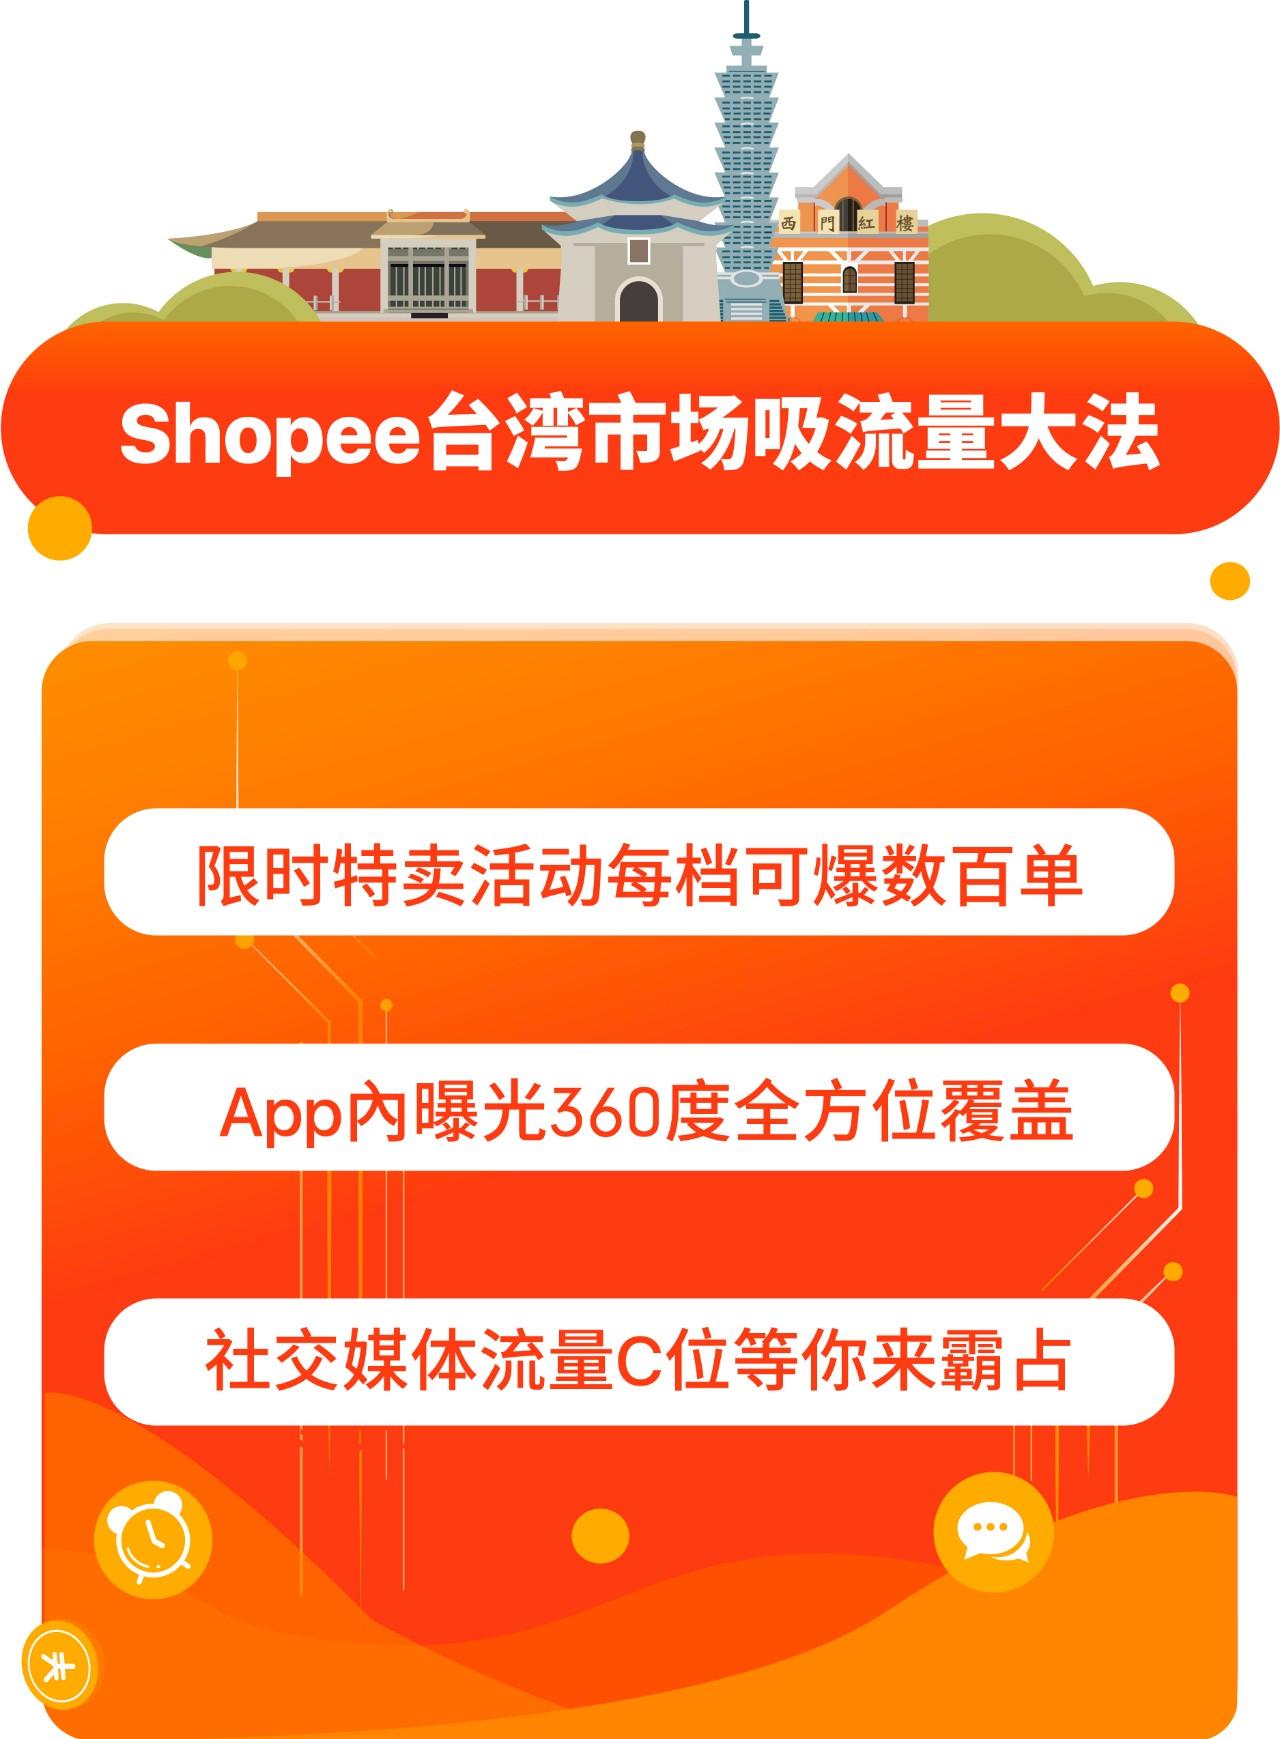 吸流量大法   Shopee跨境100+曝光资源